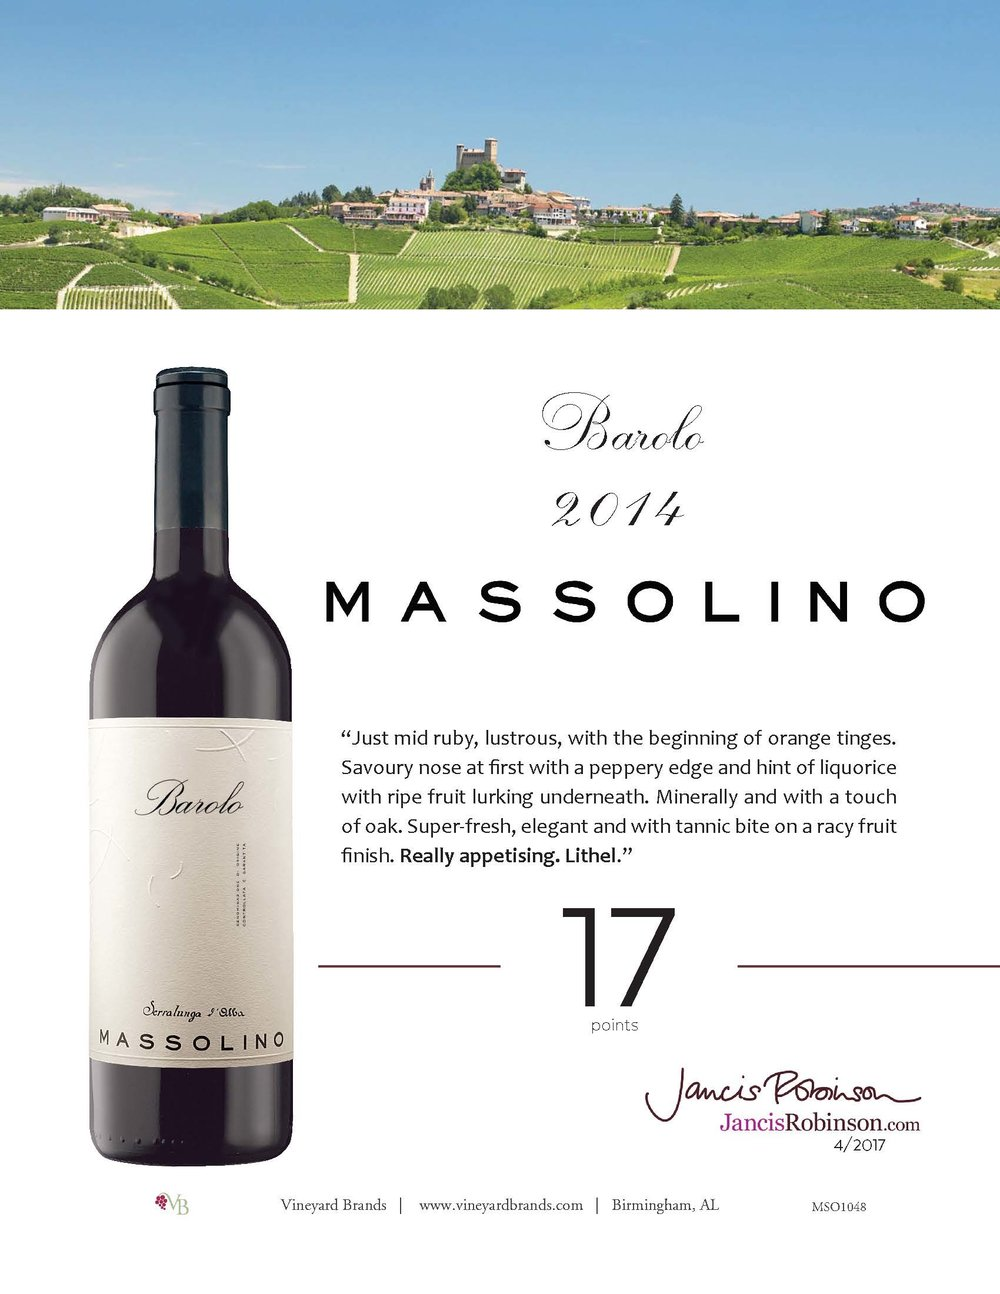 Massolino Barolo 2014.jpg